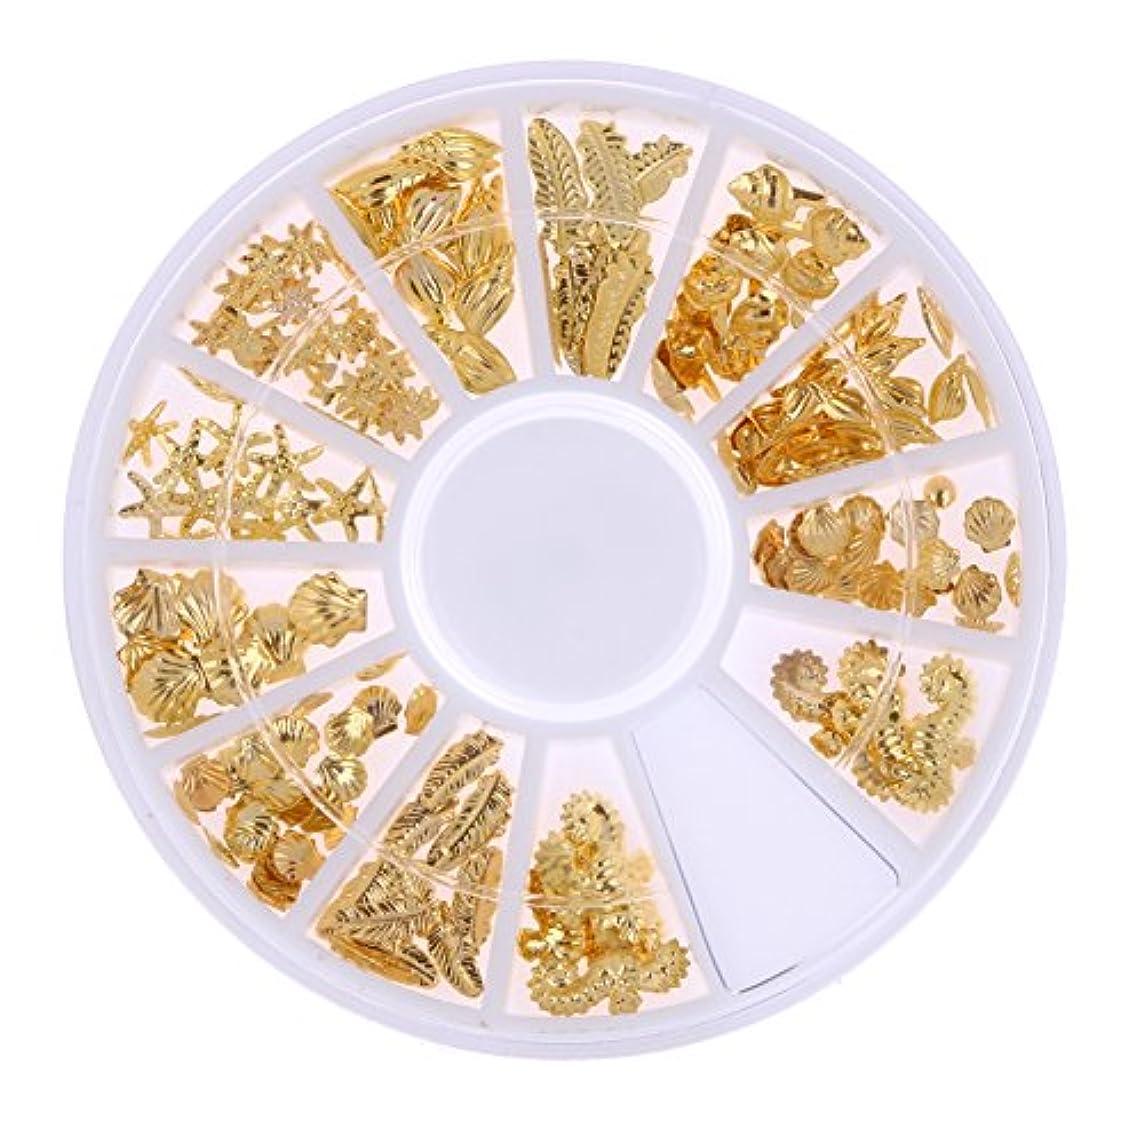 パブ馬力ベテランDemiawaking ネイルパーツ メタル ネイルアート ゴールド 海テーマ(貝殻/海馬/海星) 12種類 DIY ネイルデコレーション ラウンドケース入 1個